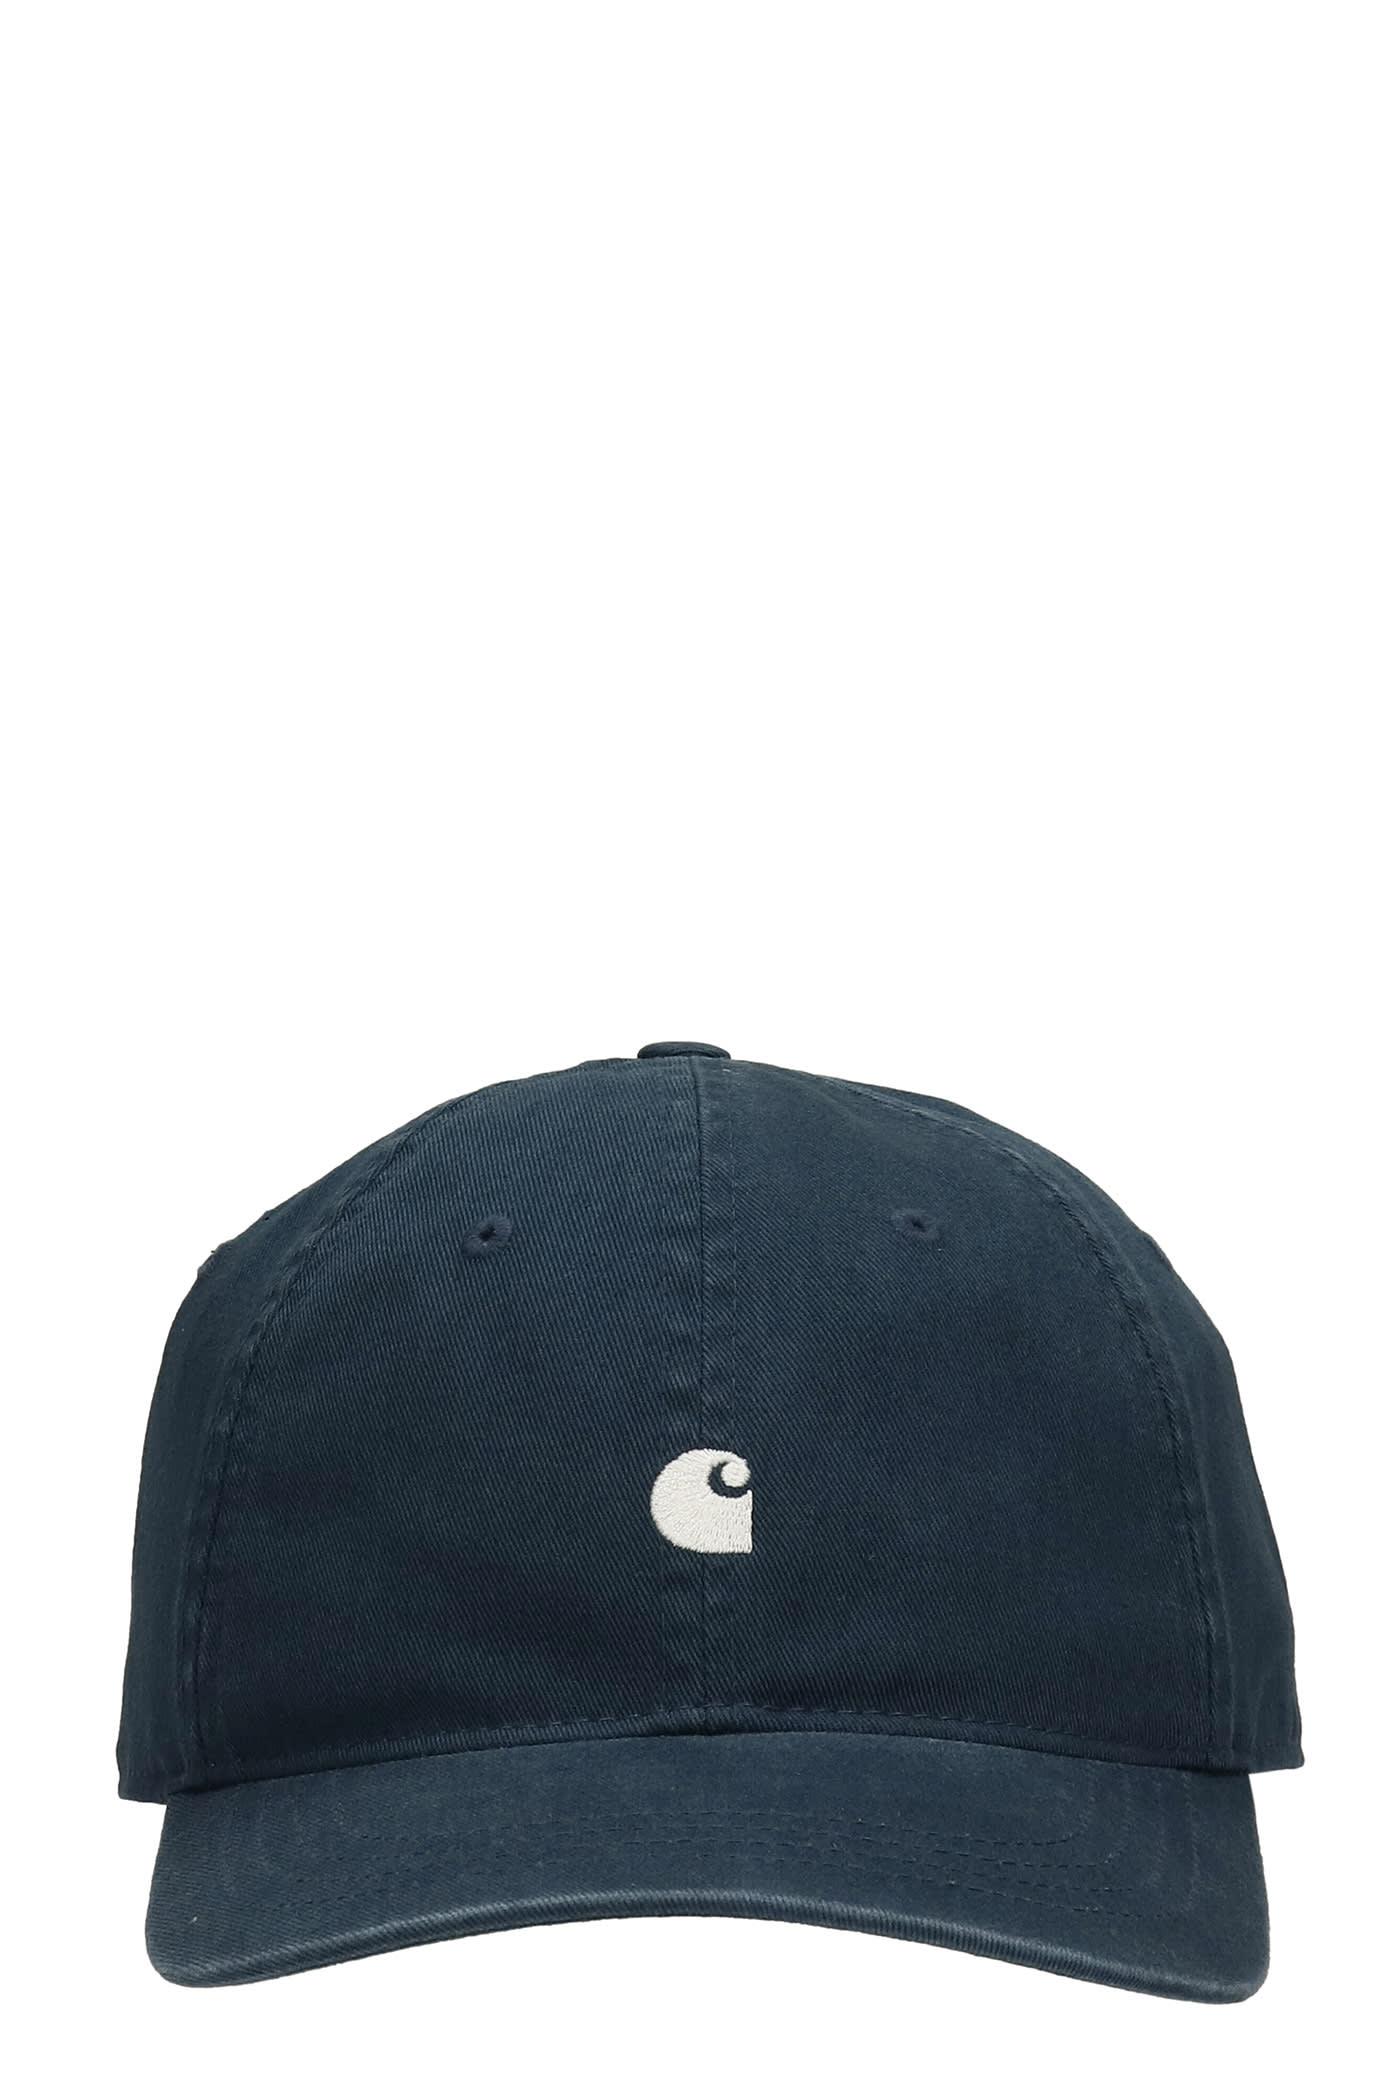 Hats In Petroleum Cotton